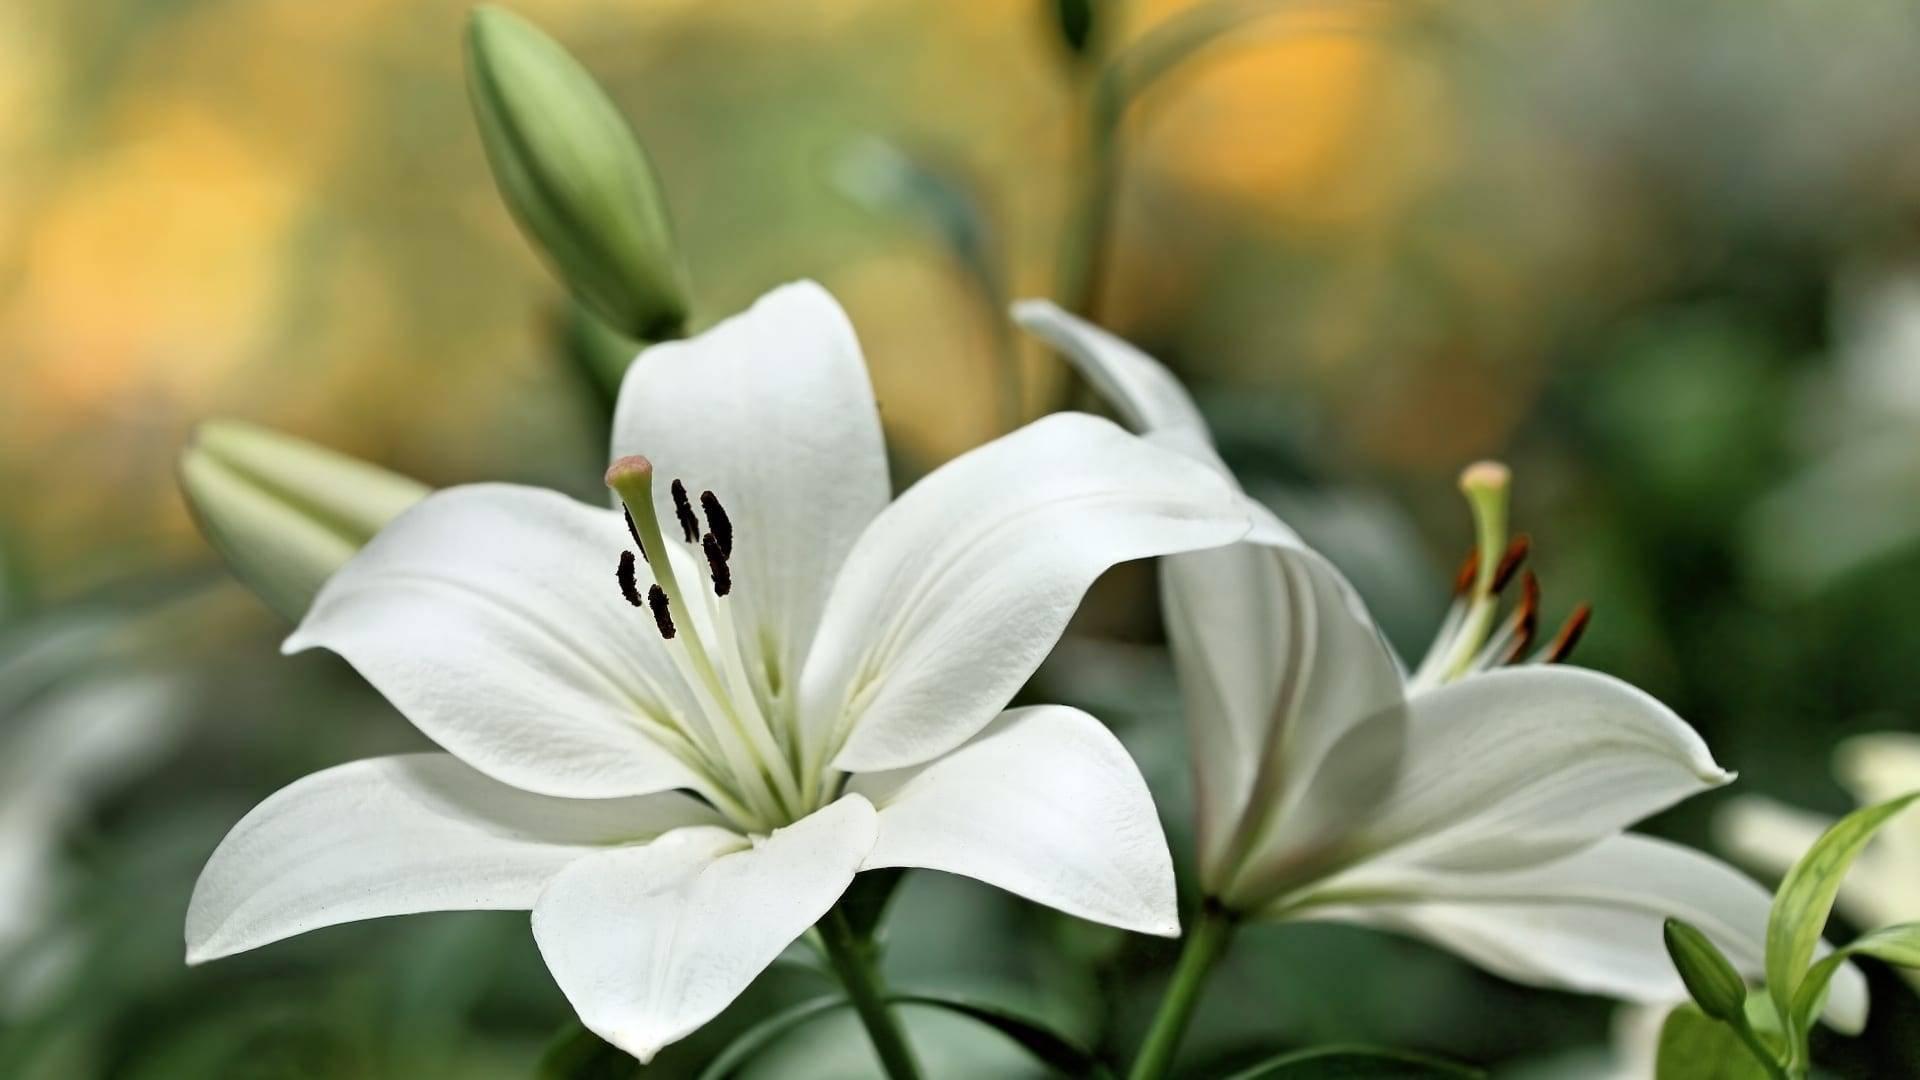 Лилии посадка и уход в открытом грунте осенью, когда и как правильно сажать?